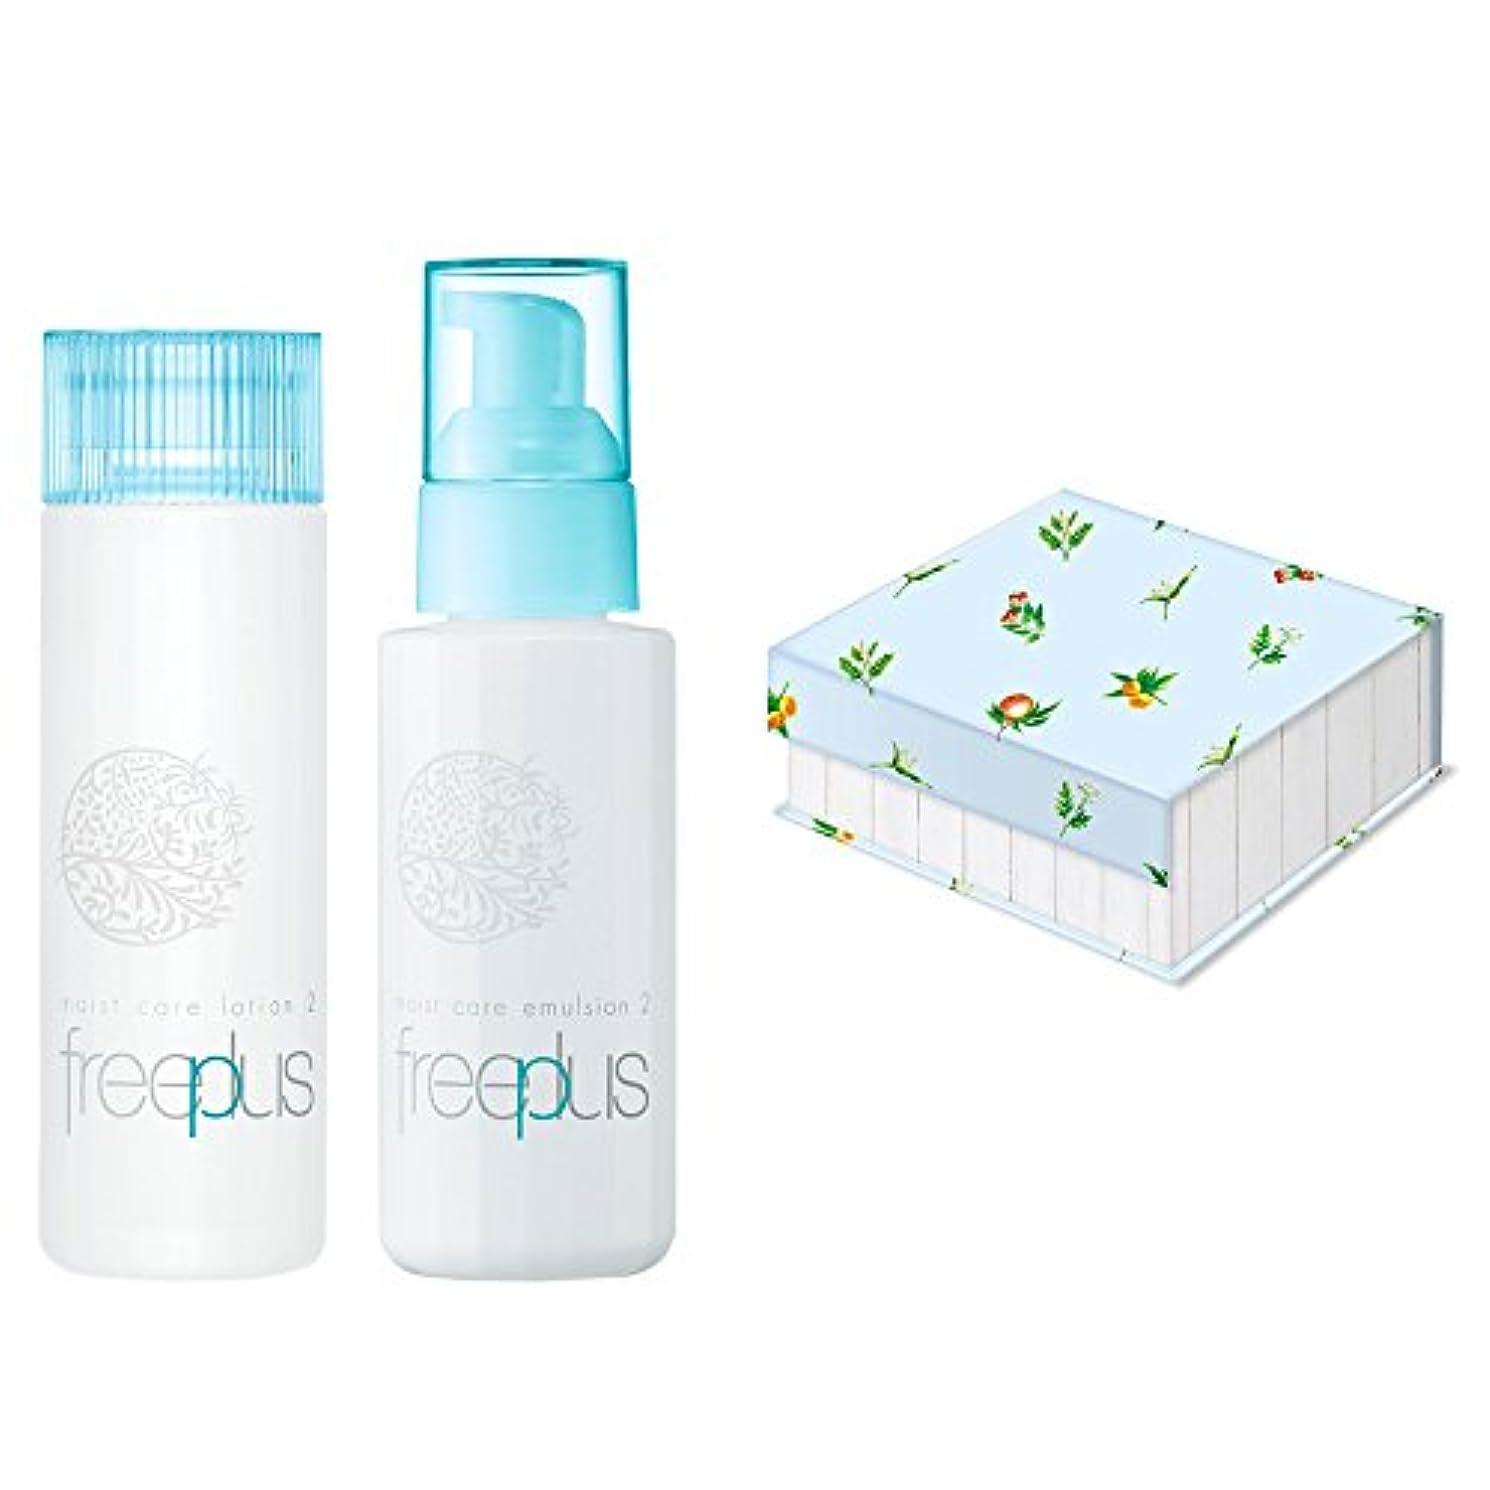 規範ヒステリックスキニーフリープラス モイストケア 化粧水+乳液+限定ボックスセット(しっとり)